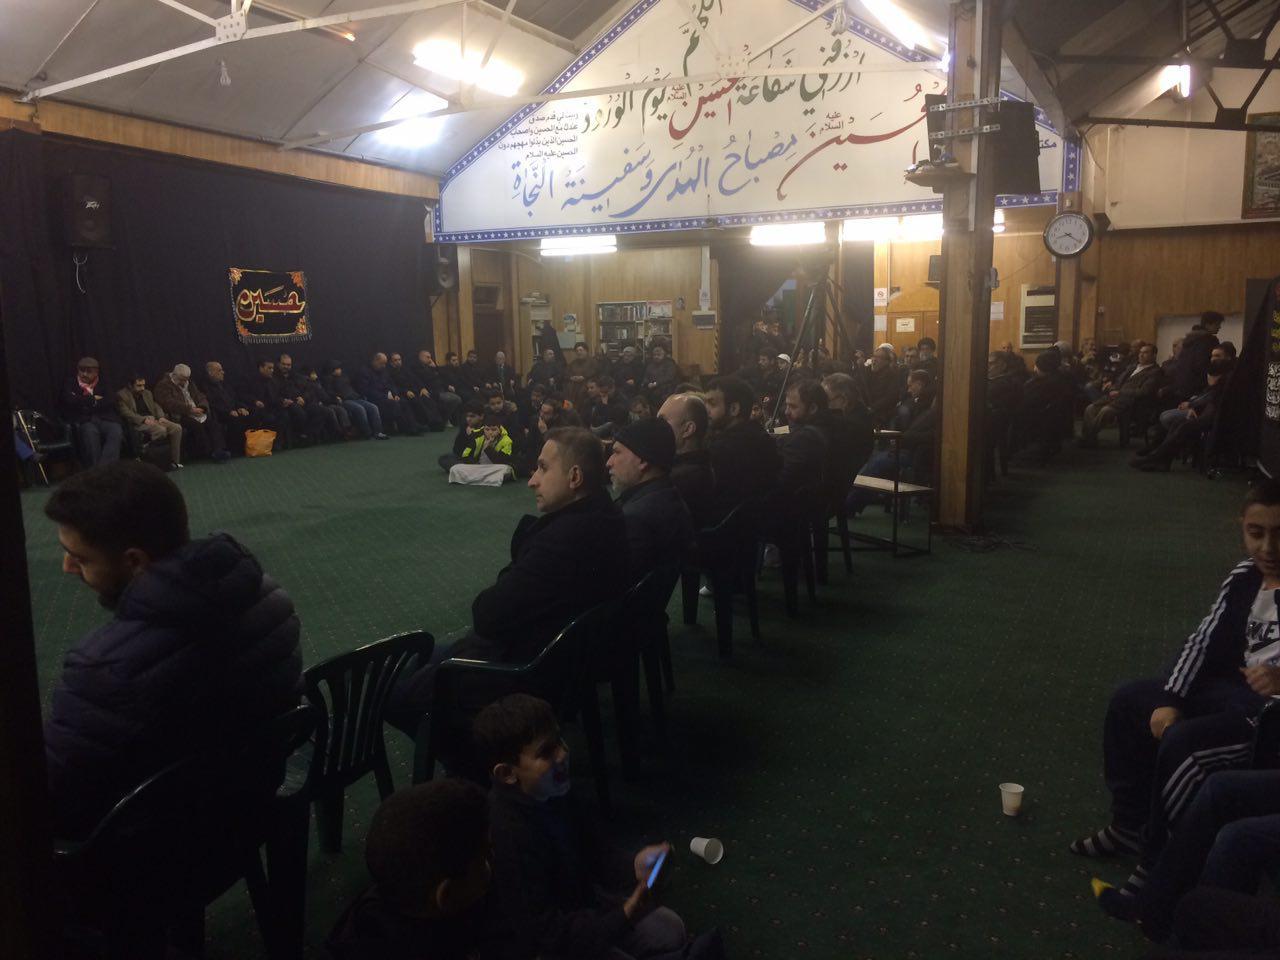 تصویر برگزاری مراسم ایام فاطمیه در حسینیه رسول اعظم در لندن